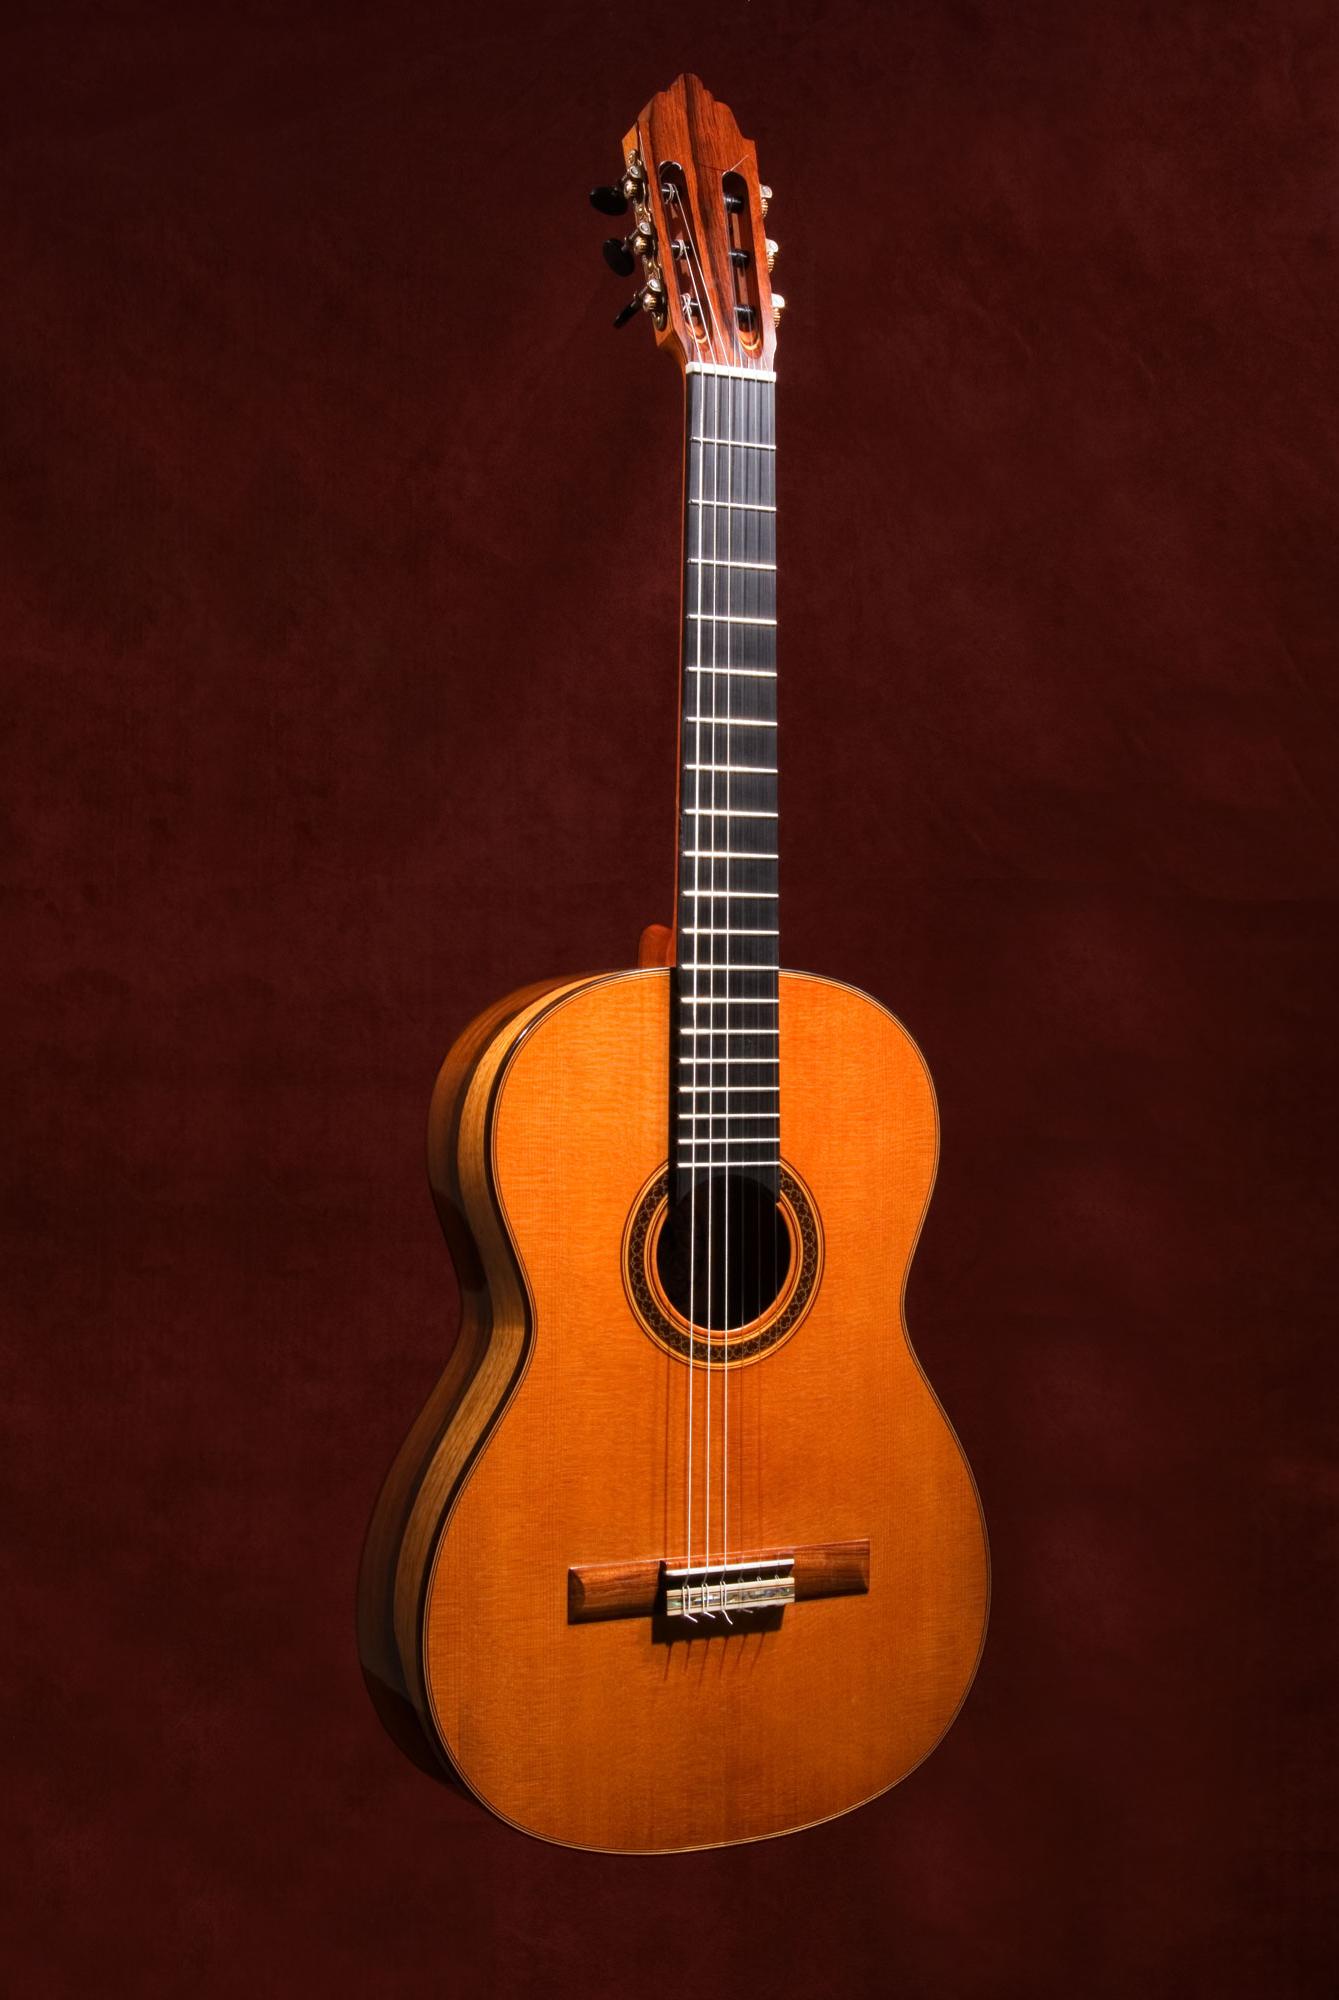 The Sapwood Guitar